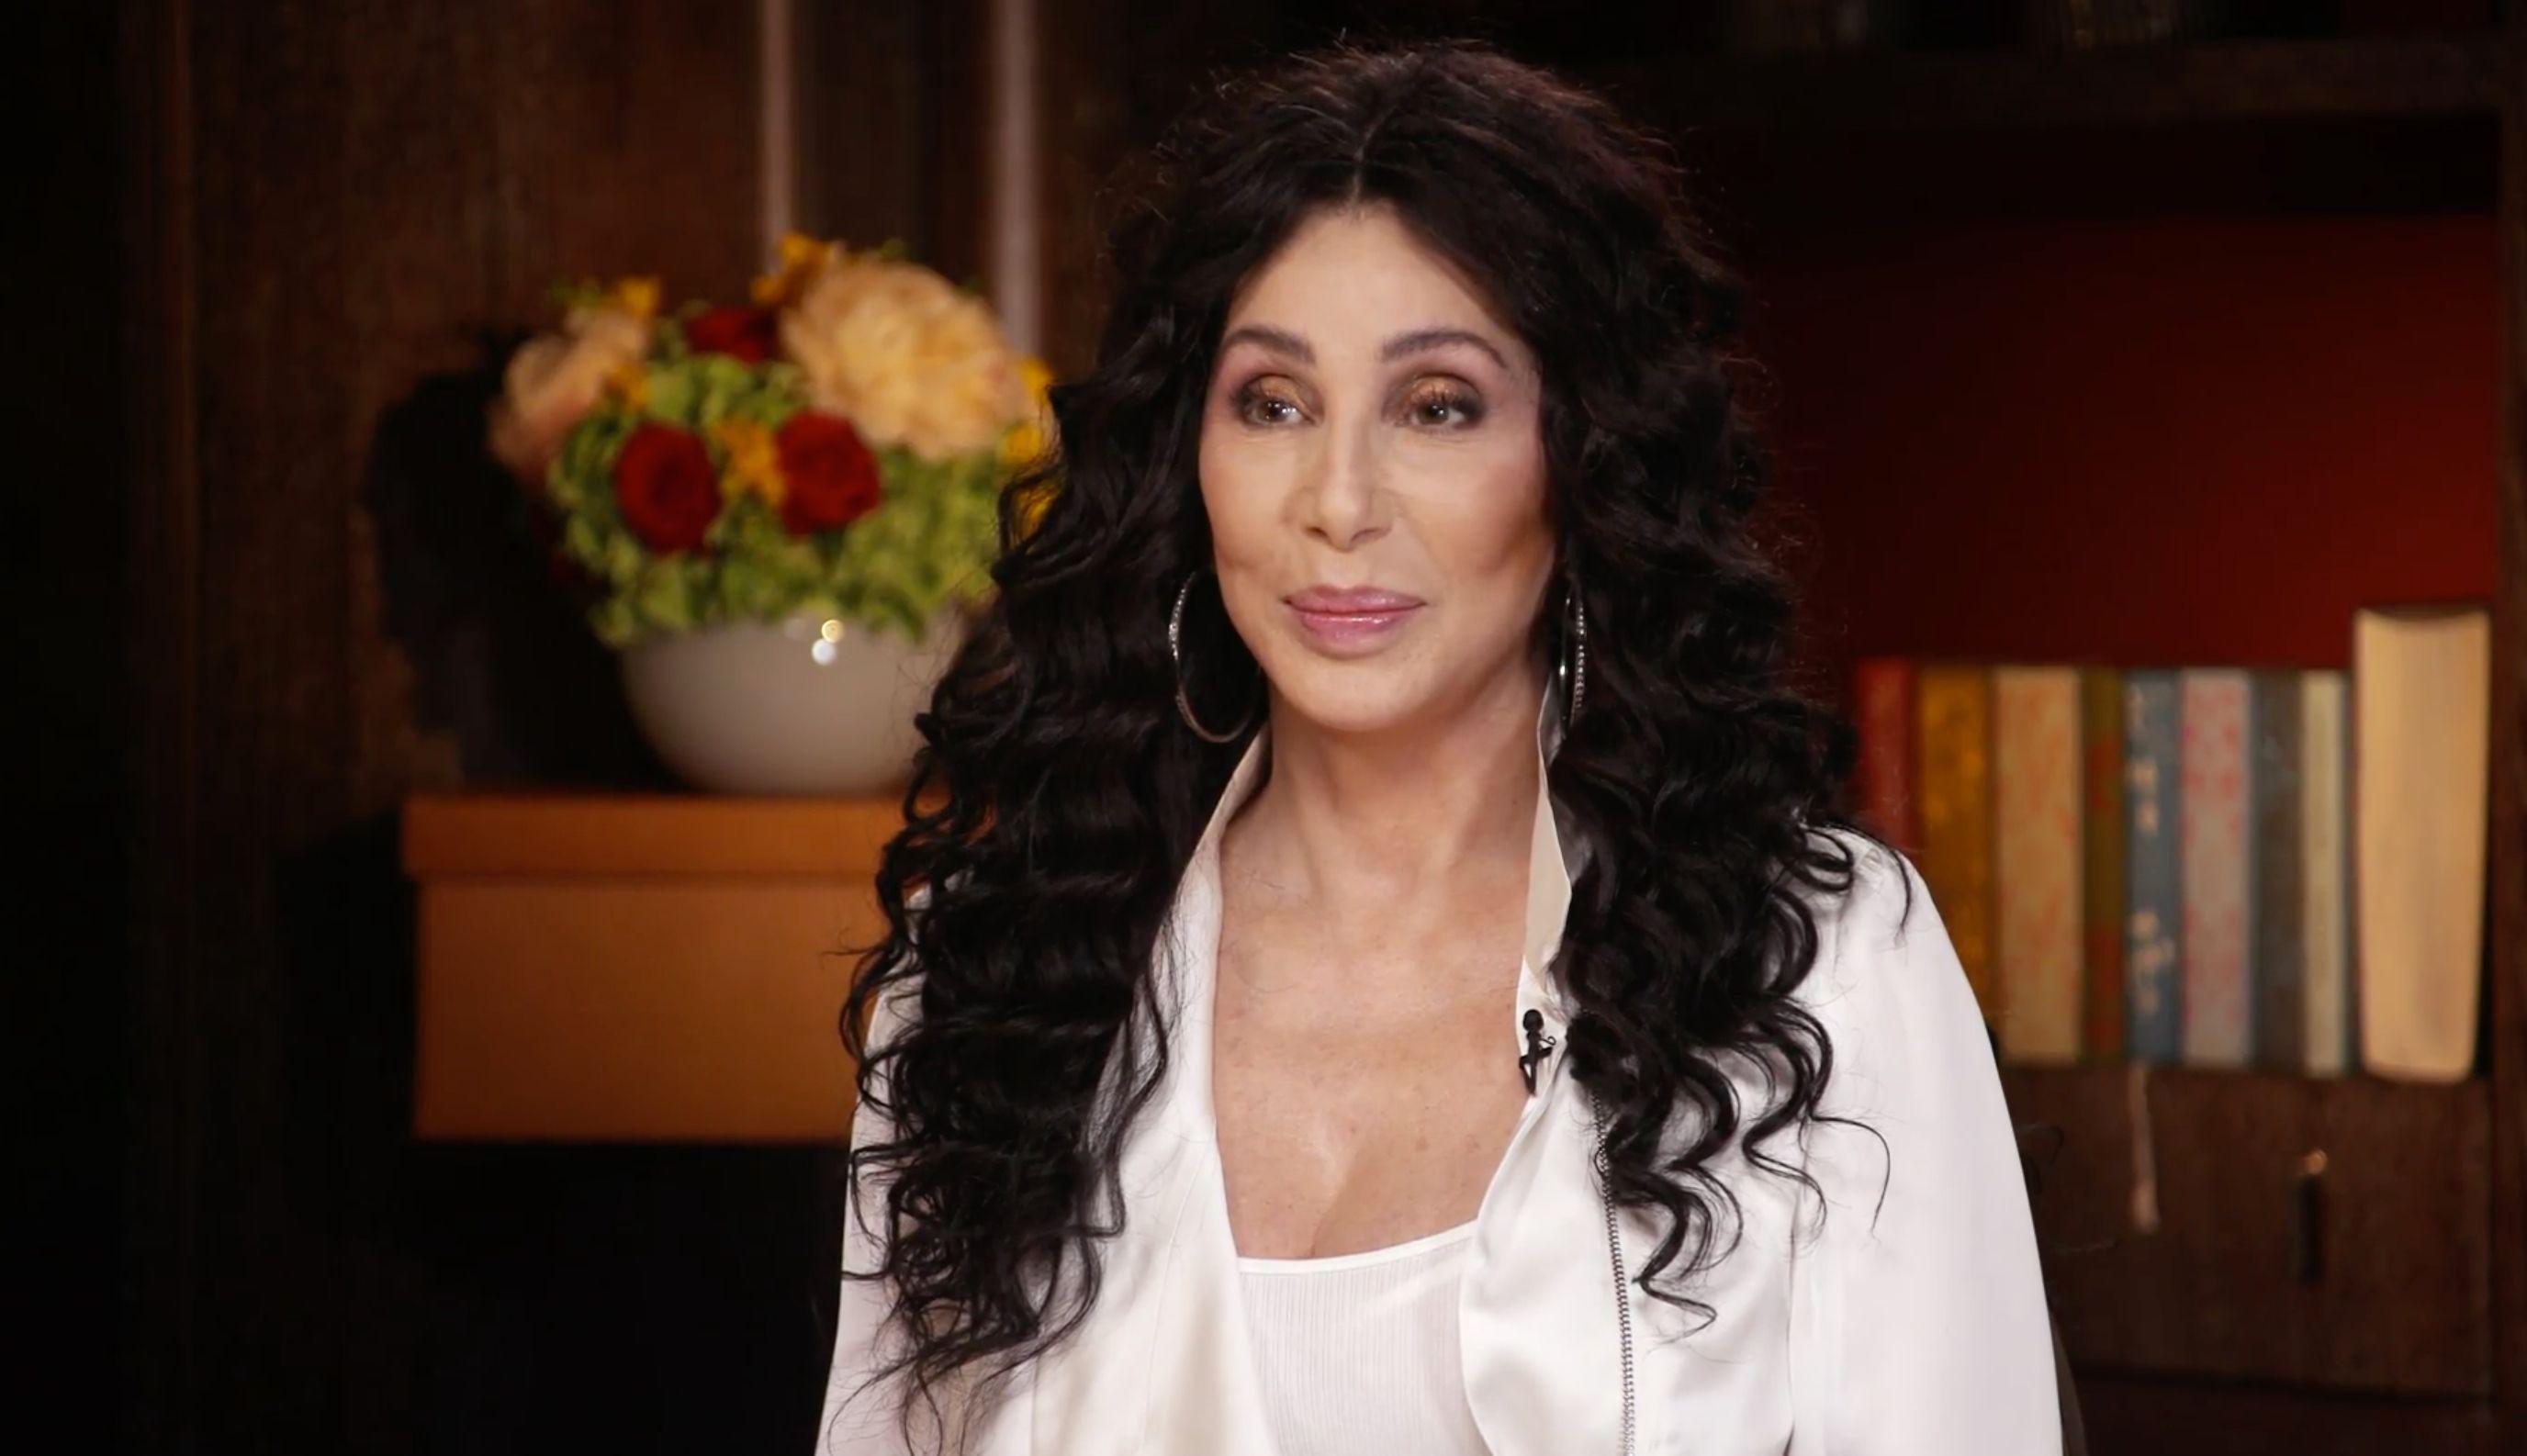 Cher To Release Abba Covers Album Following Mamma Mia Music